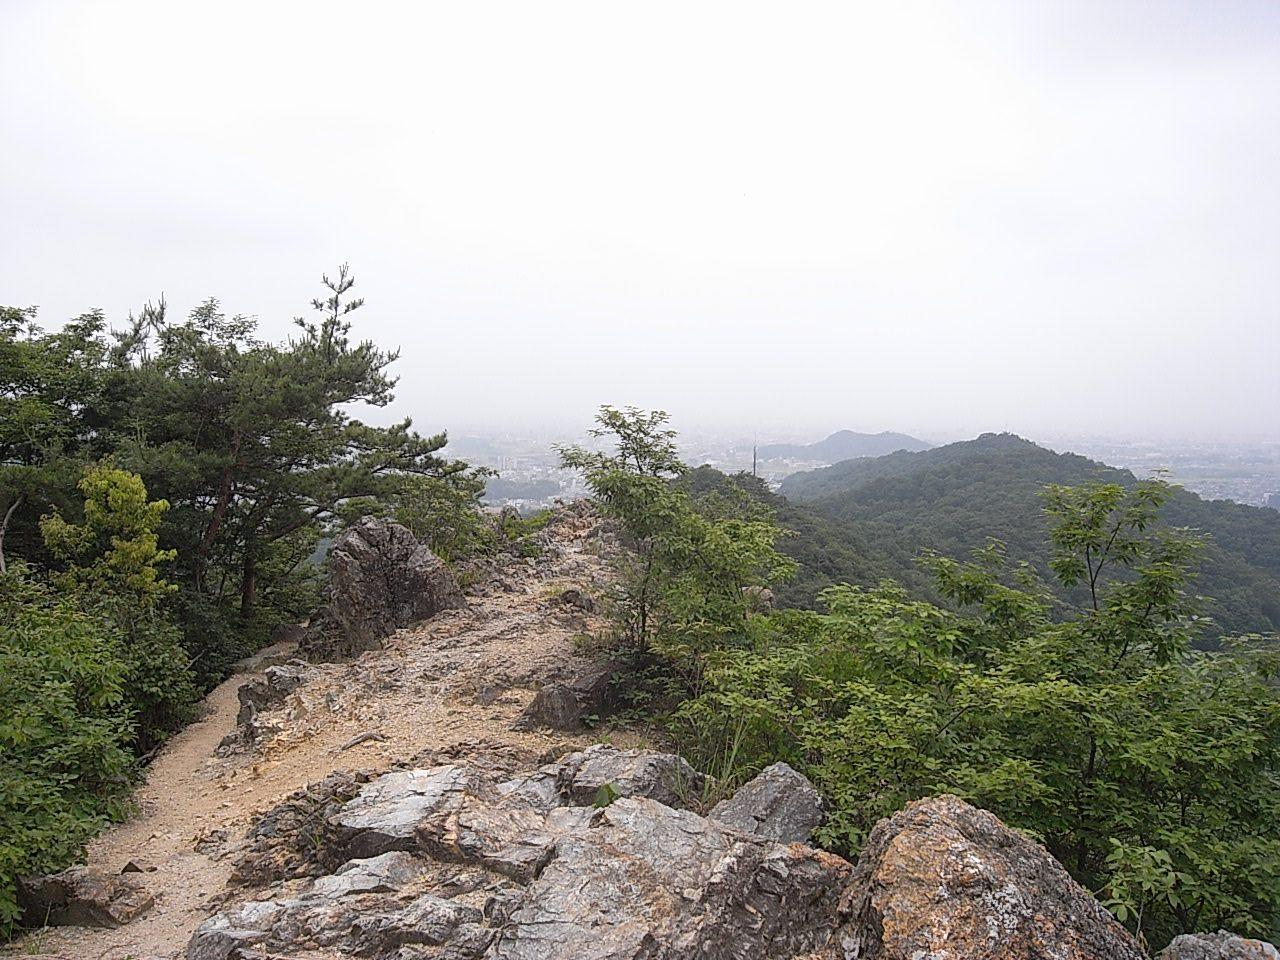 登上陡峭的山路,從兩崖山頂上眺望的景色格外動人。